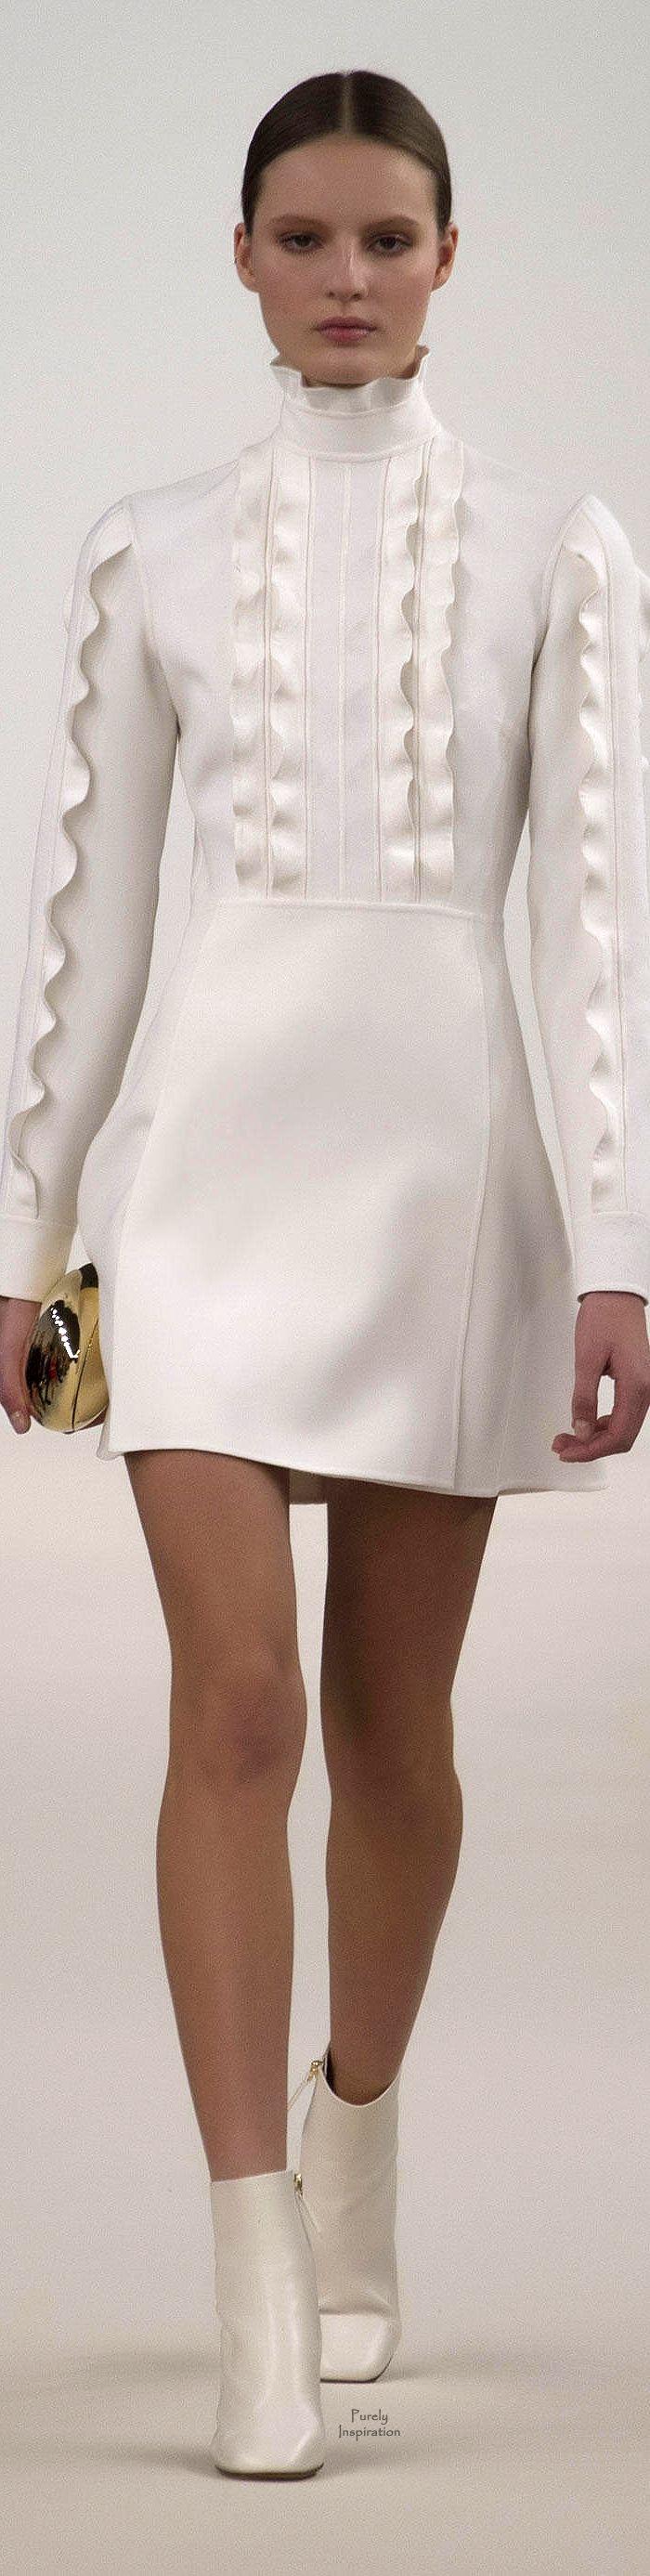 Valentino New York Haute Couture Fashion Show 2014                                                                                                                                                      More